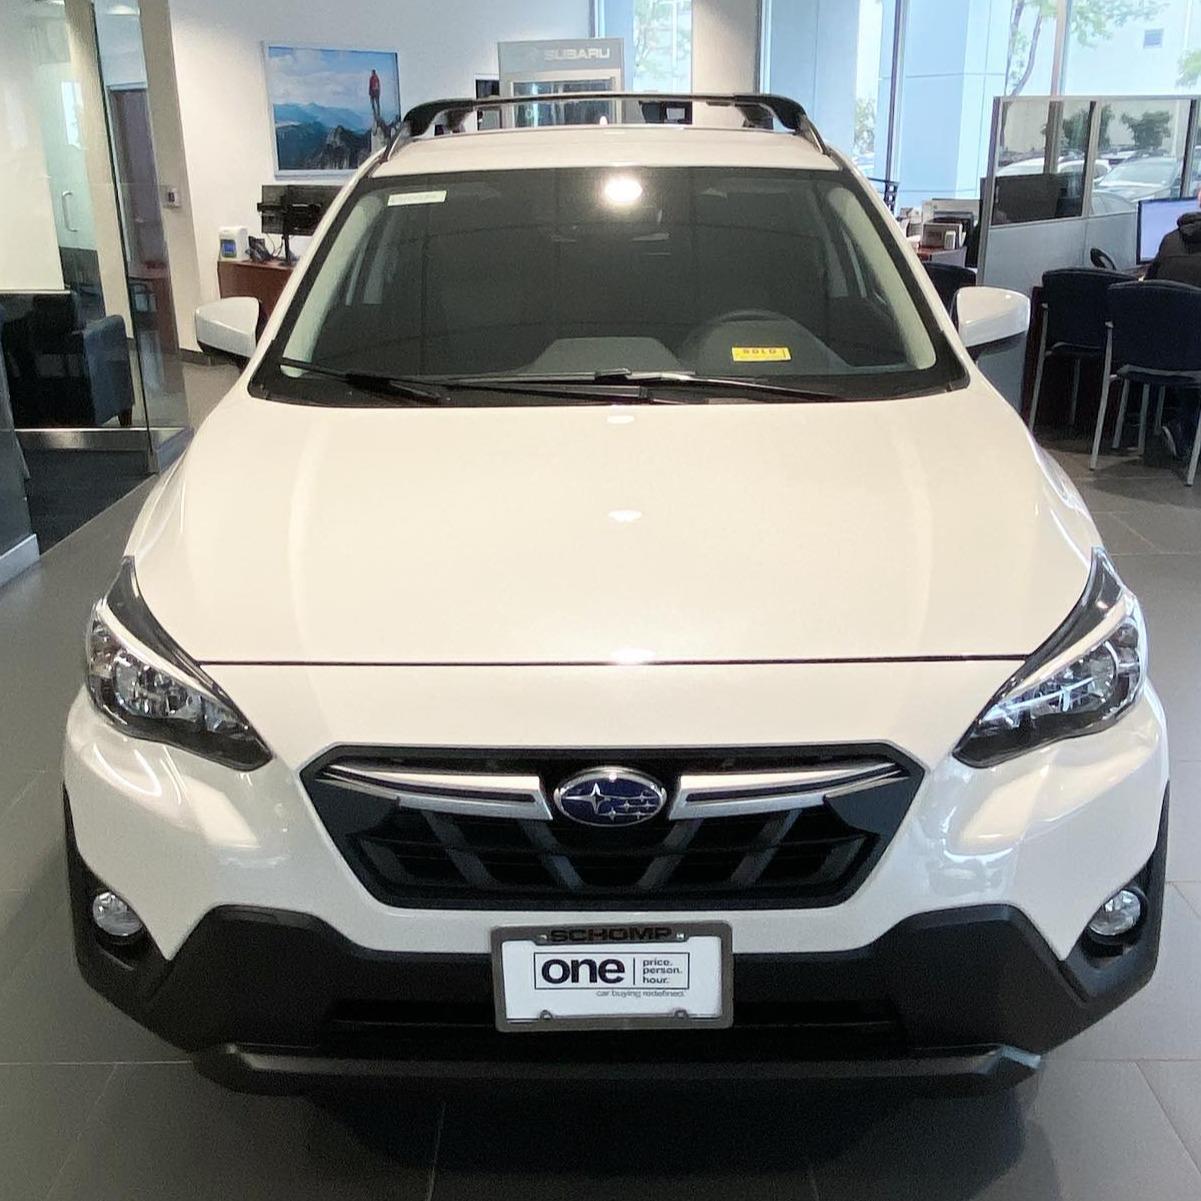 2021 Subaru Outback Inventory